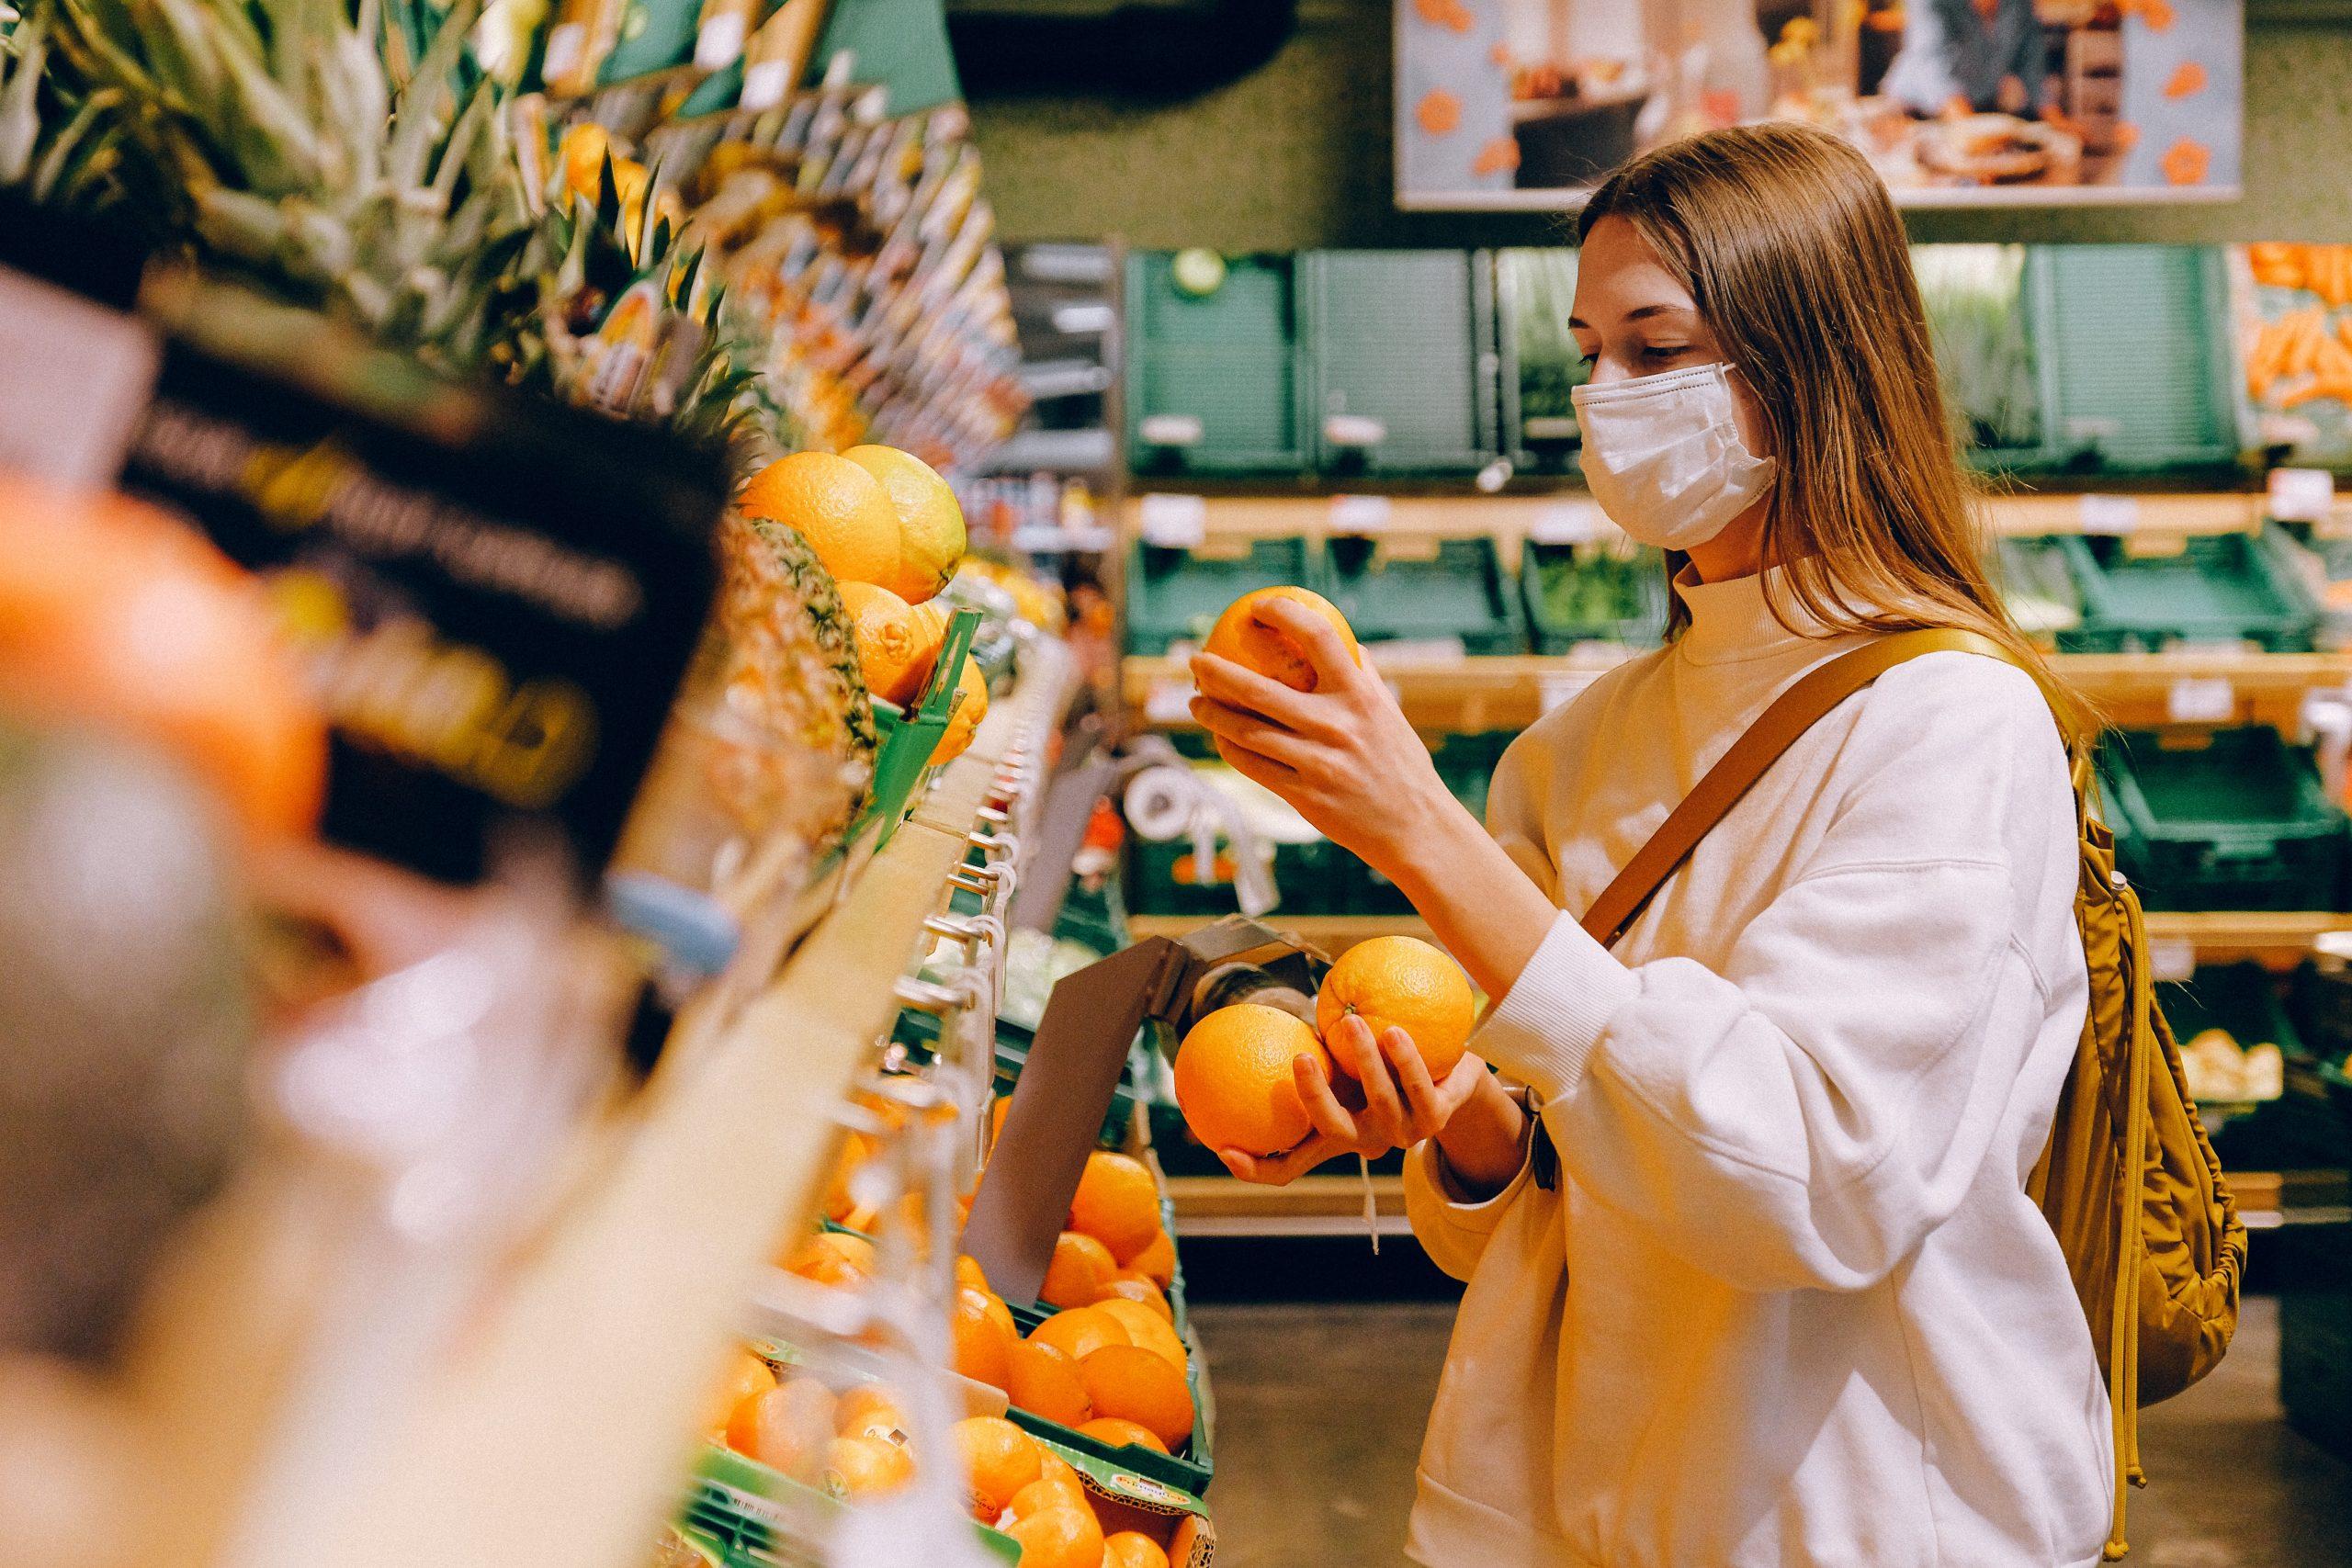 produktyvus sveikatos pasirinkimas ir prekyba